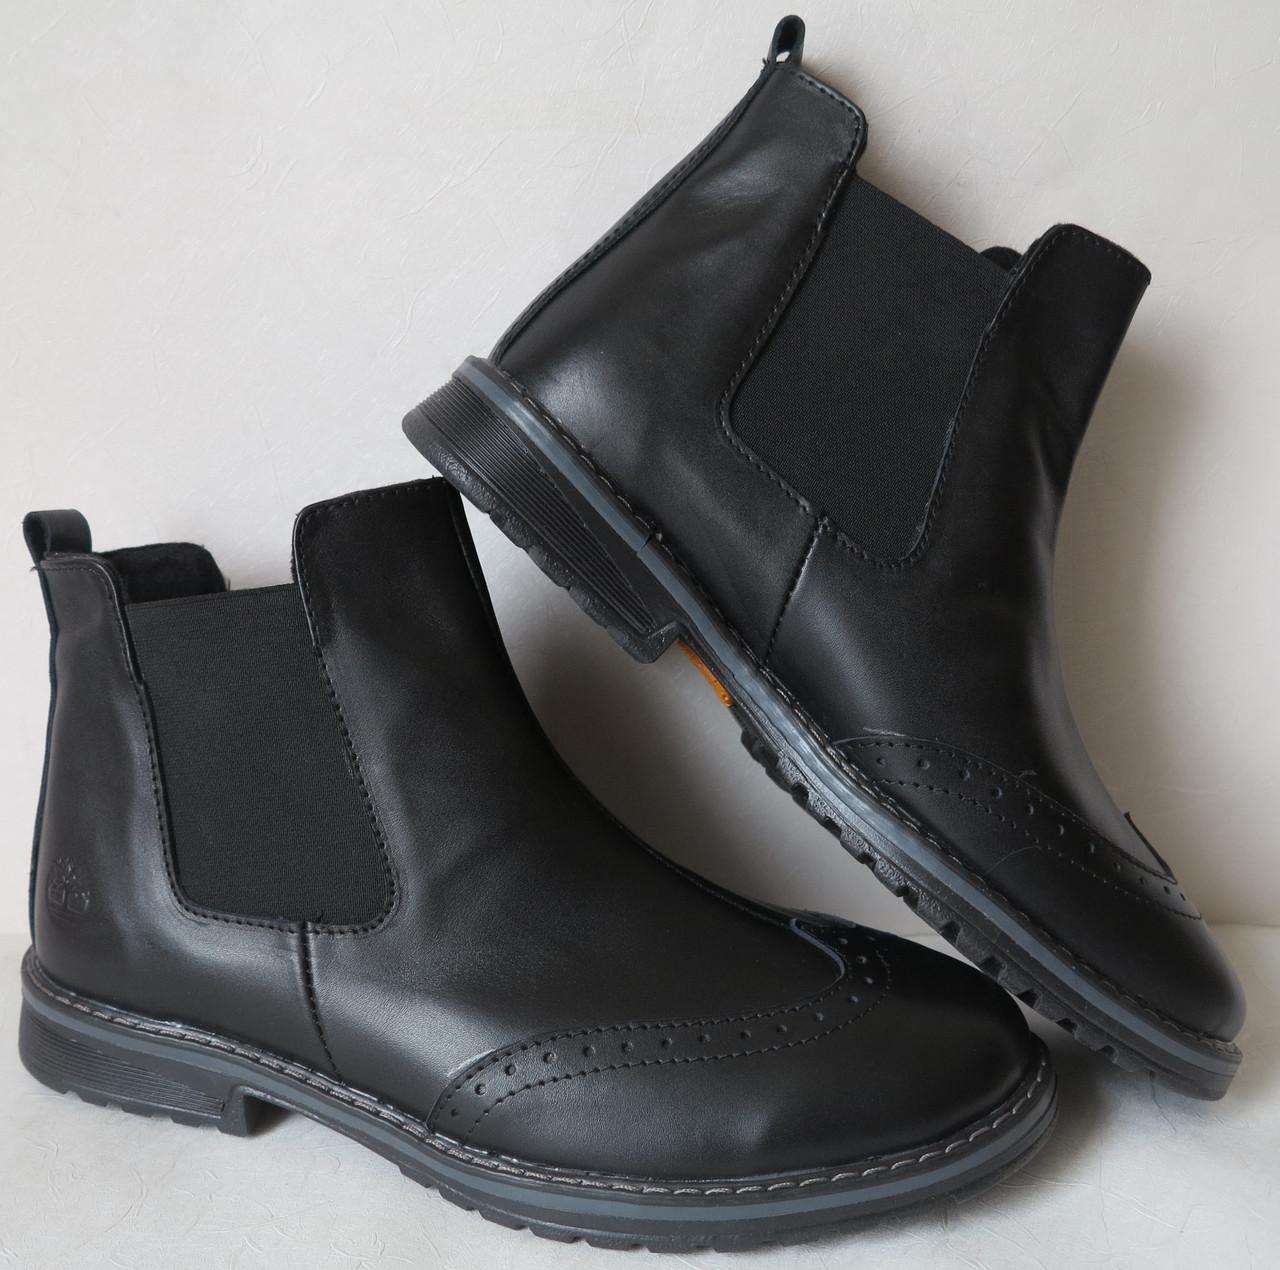 5d84cb08c7fdc6 Мужские стильные ботинки Timberland челси натуральная кожа оксфорд men  реплика